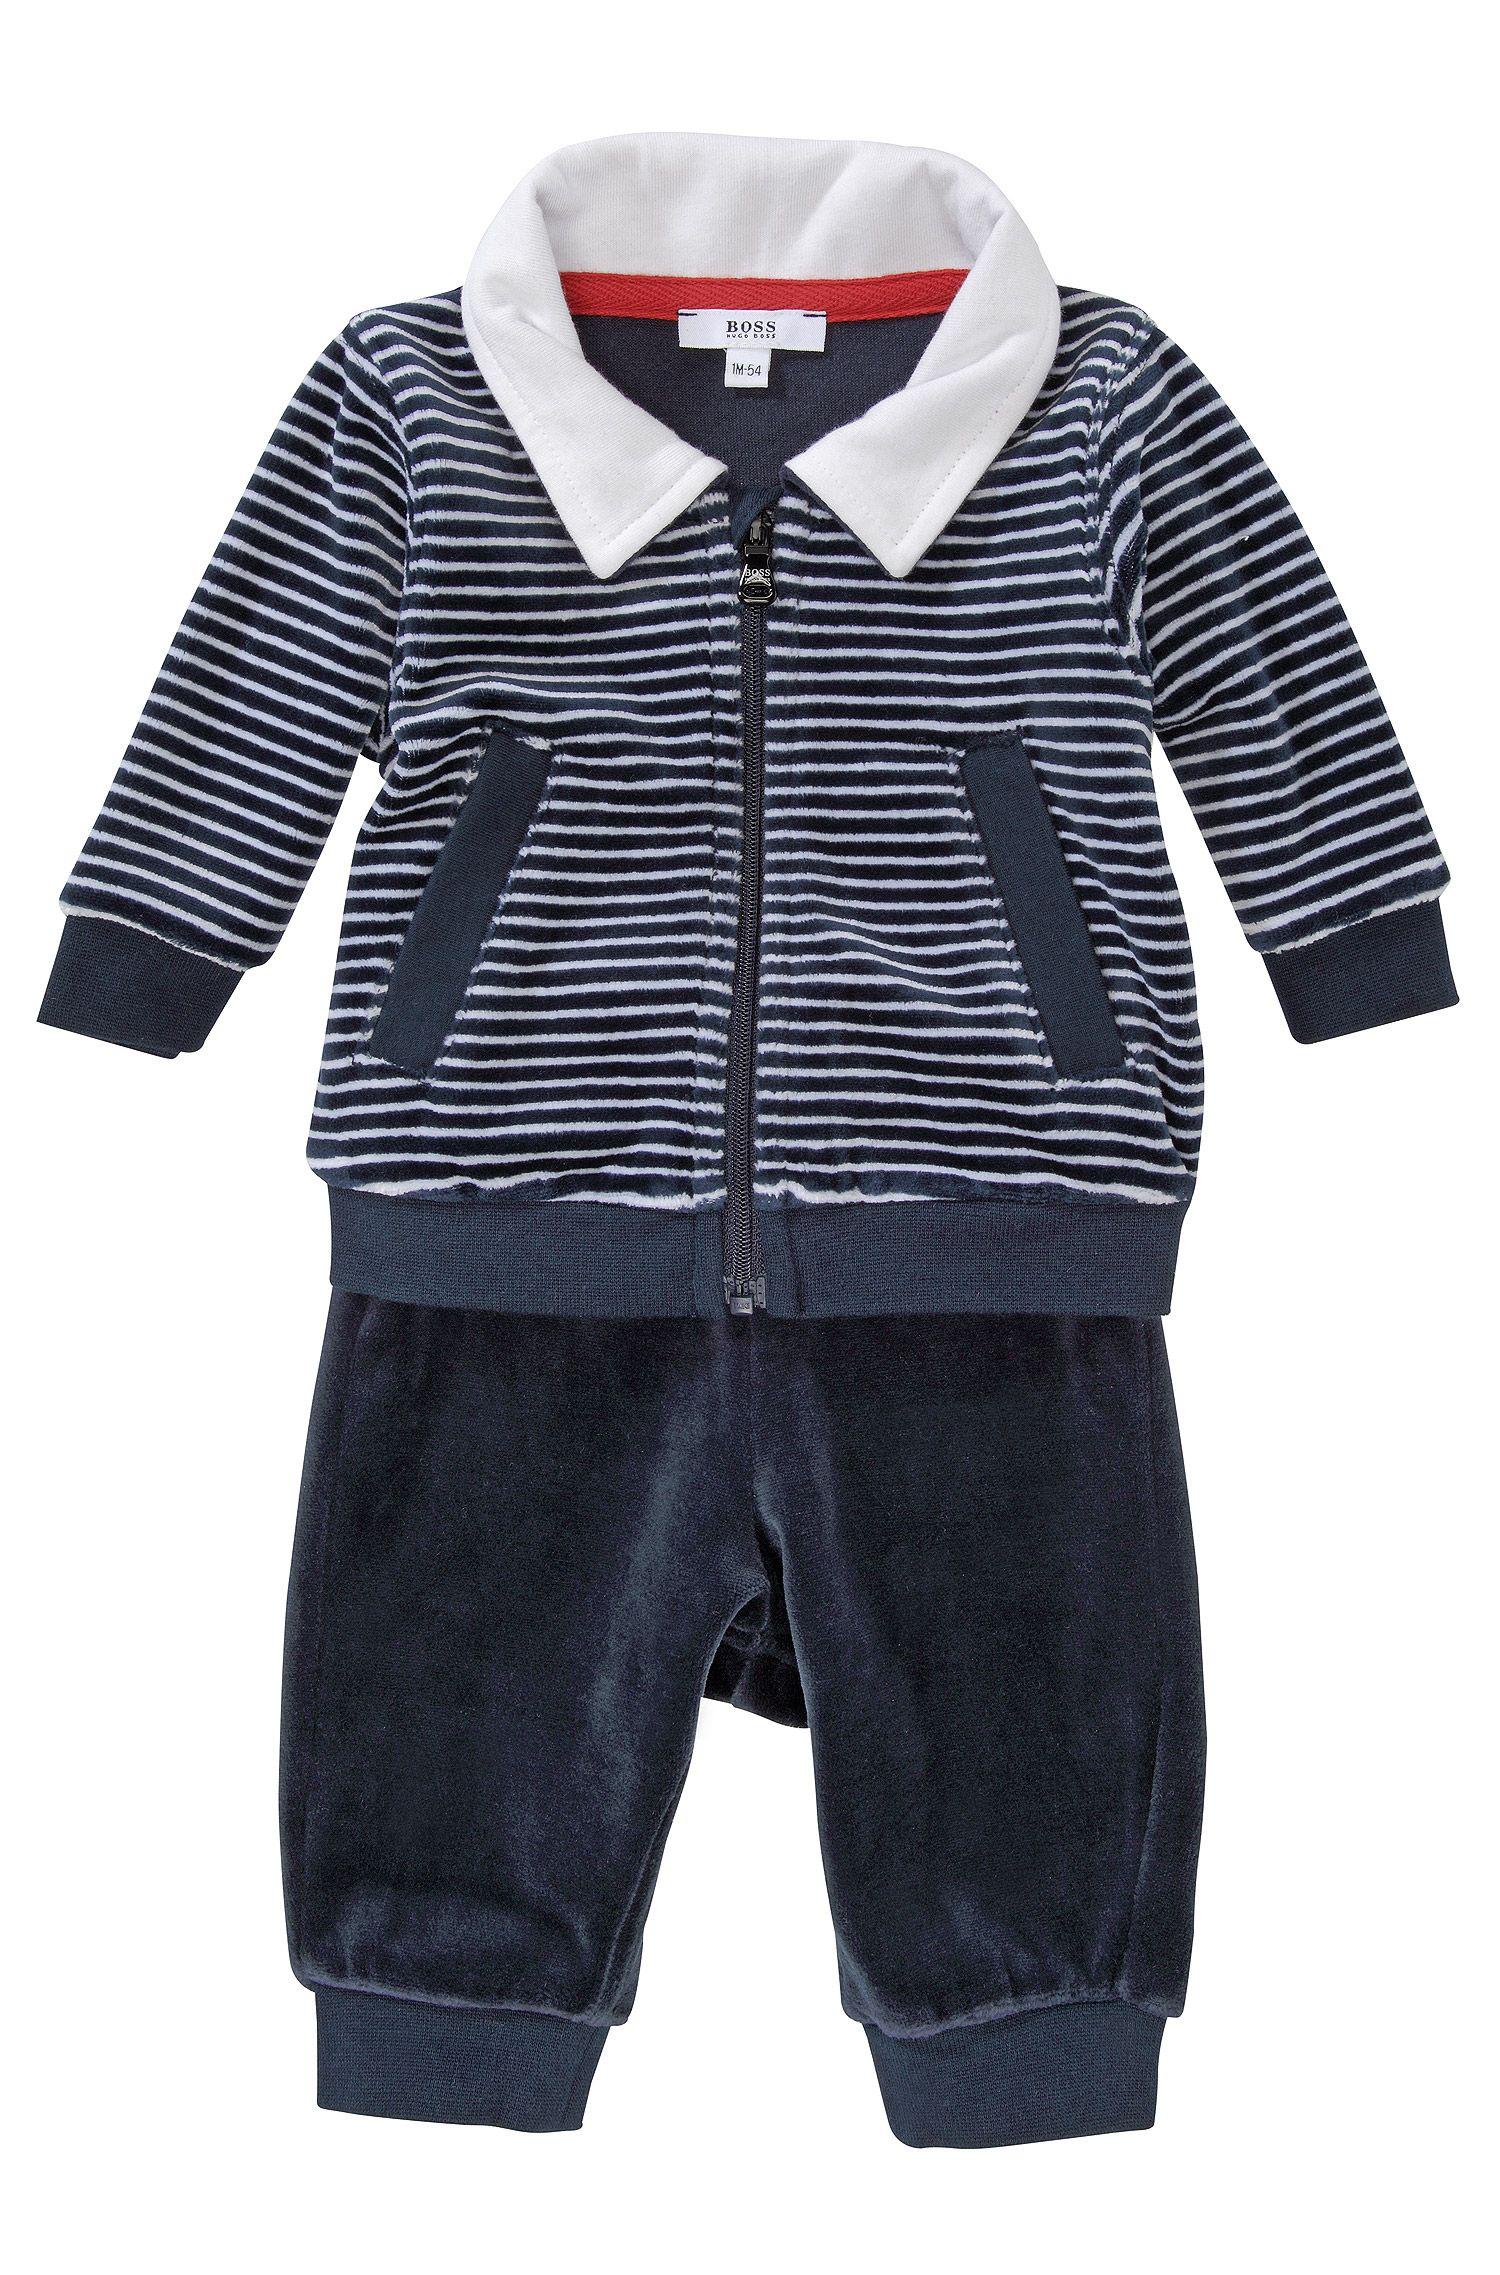 'J98082' | Infant Terry Velvet Activewear Set